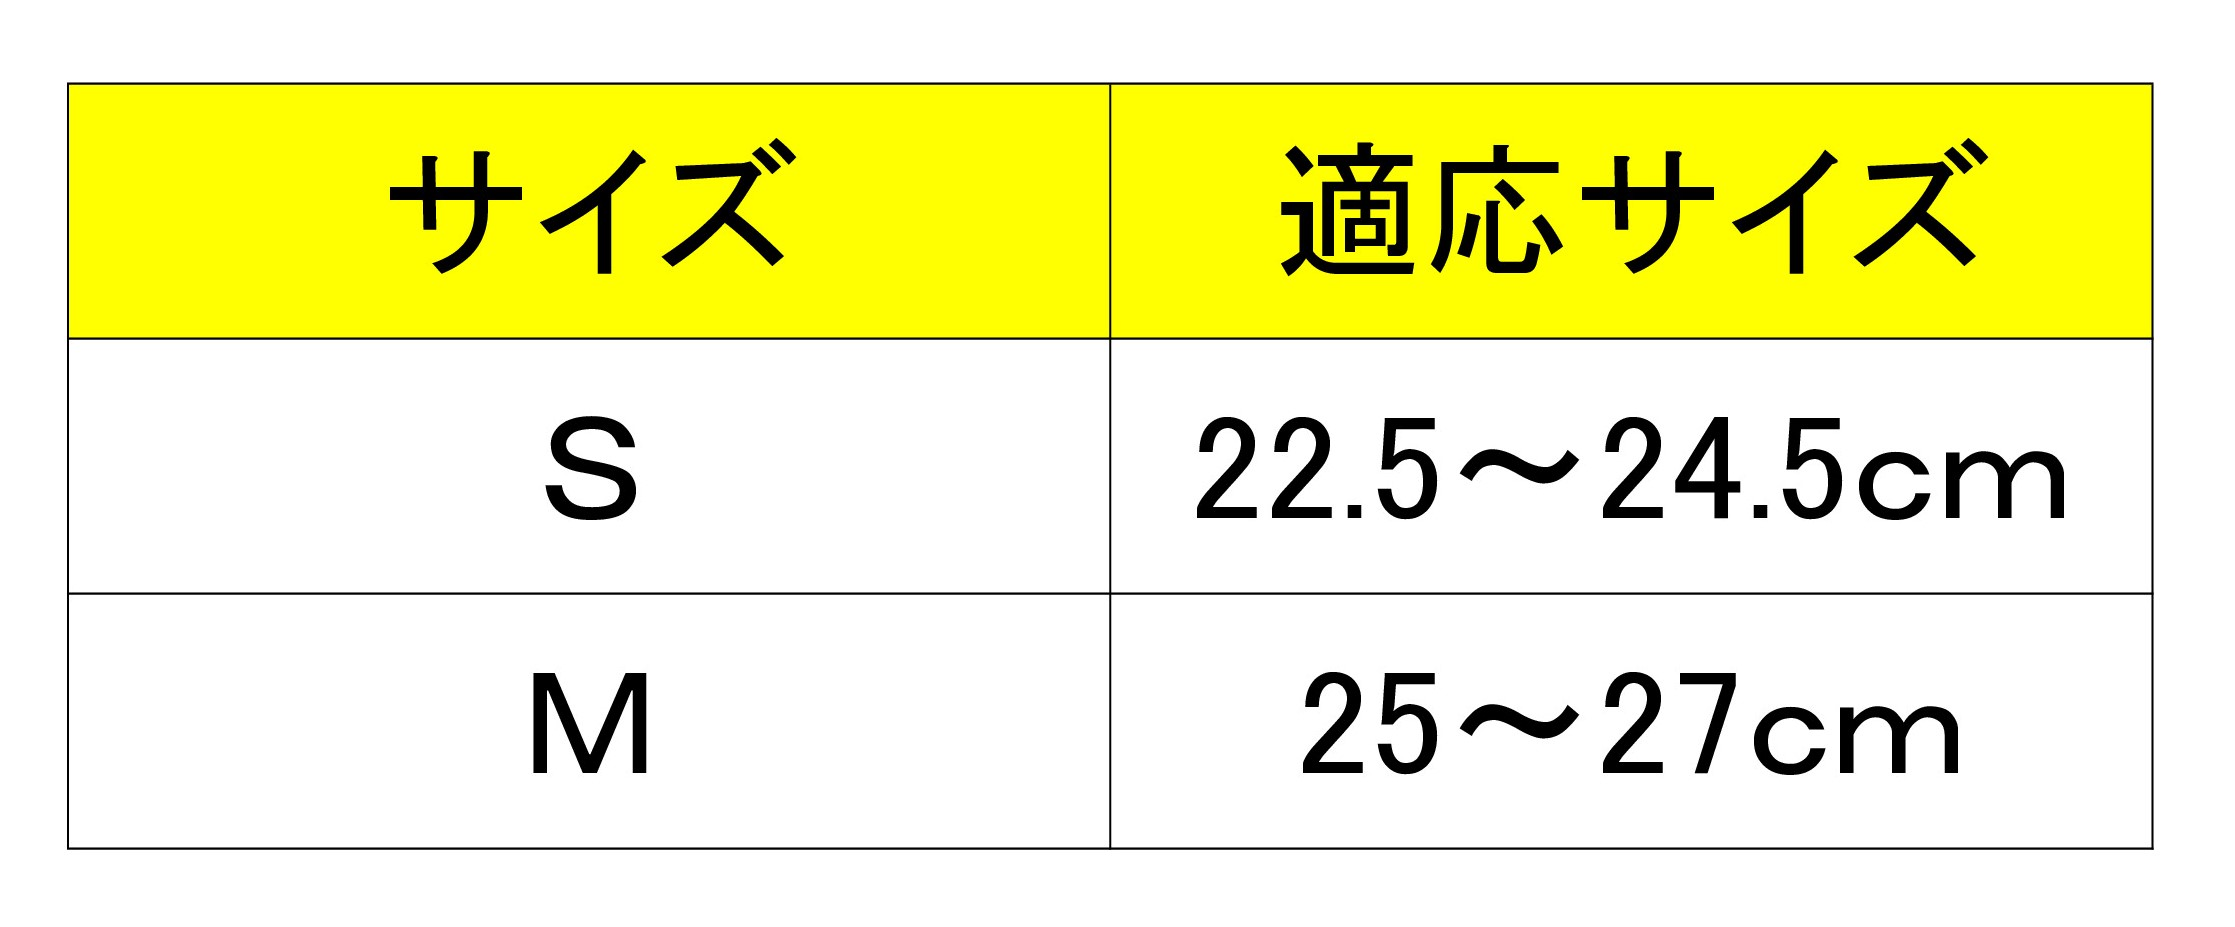 ホワイト/ローヤル/ネオンイエロー